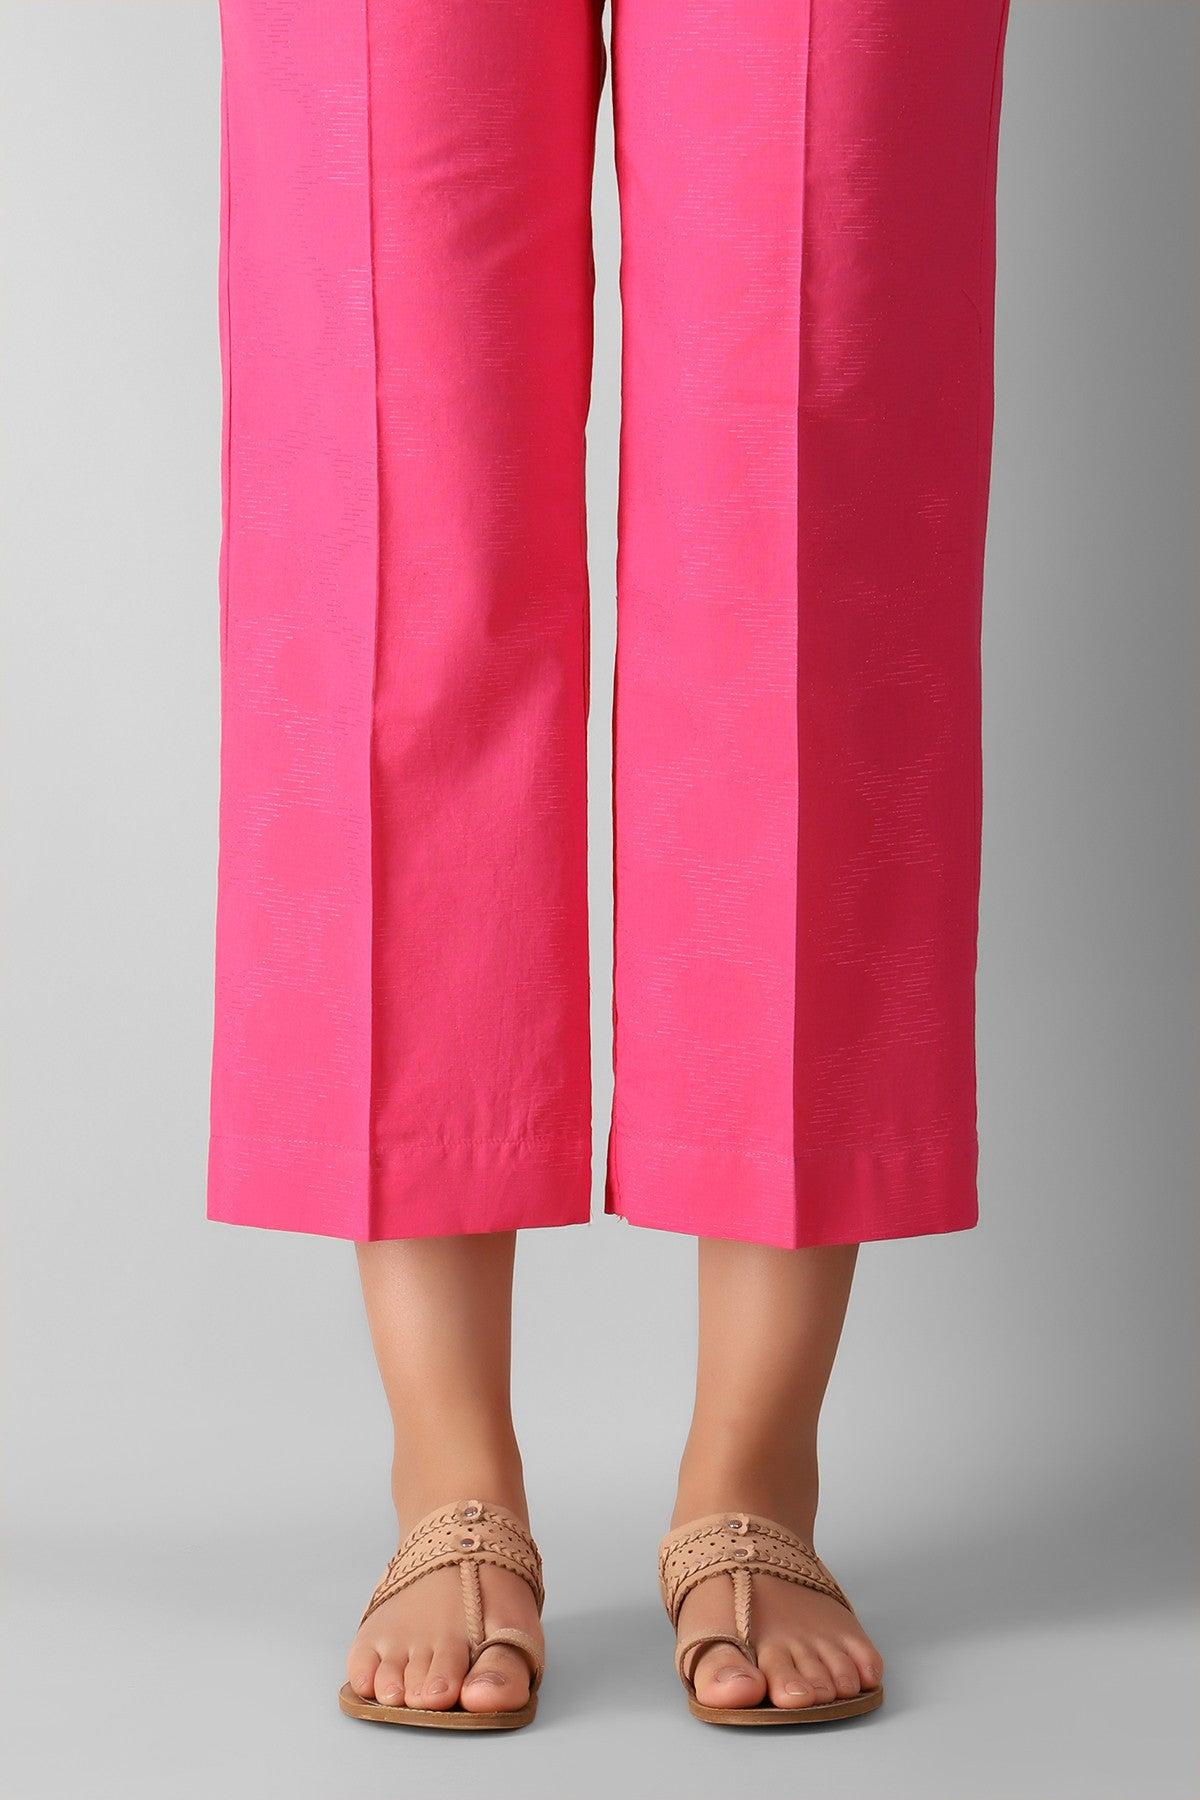 Khaadi Eete21312b Pink Ready to Wear 2021